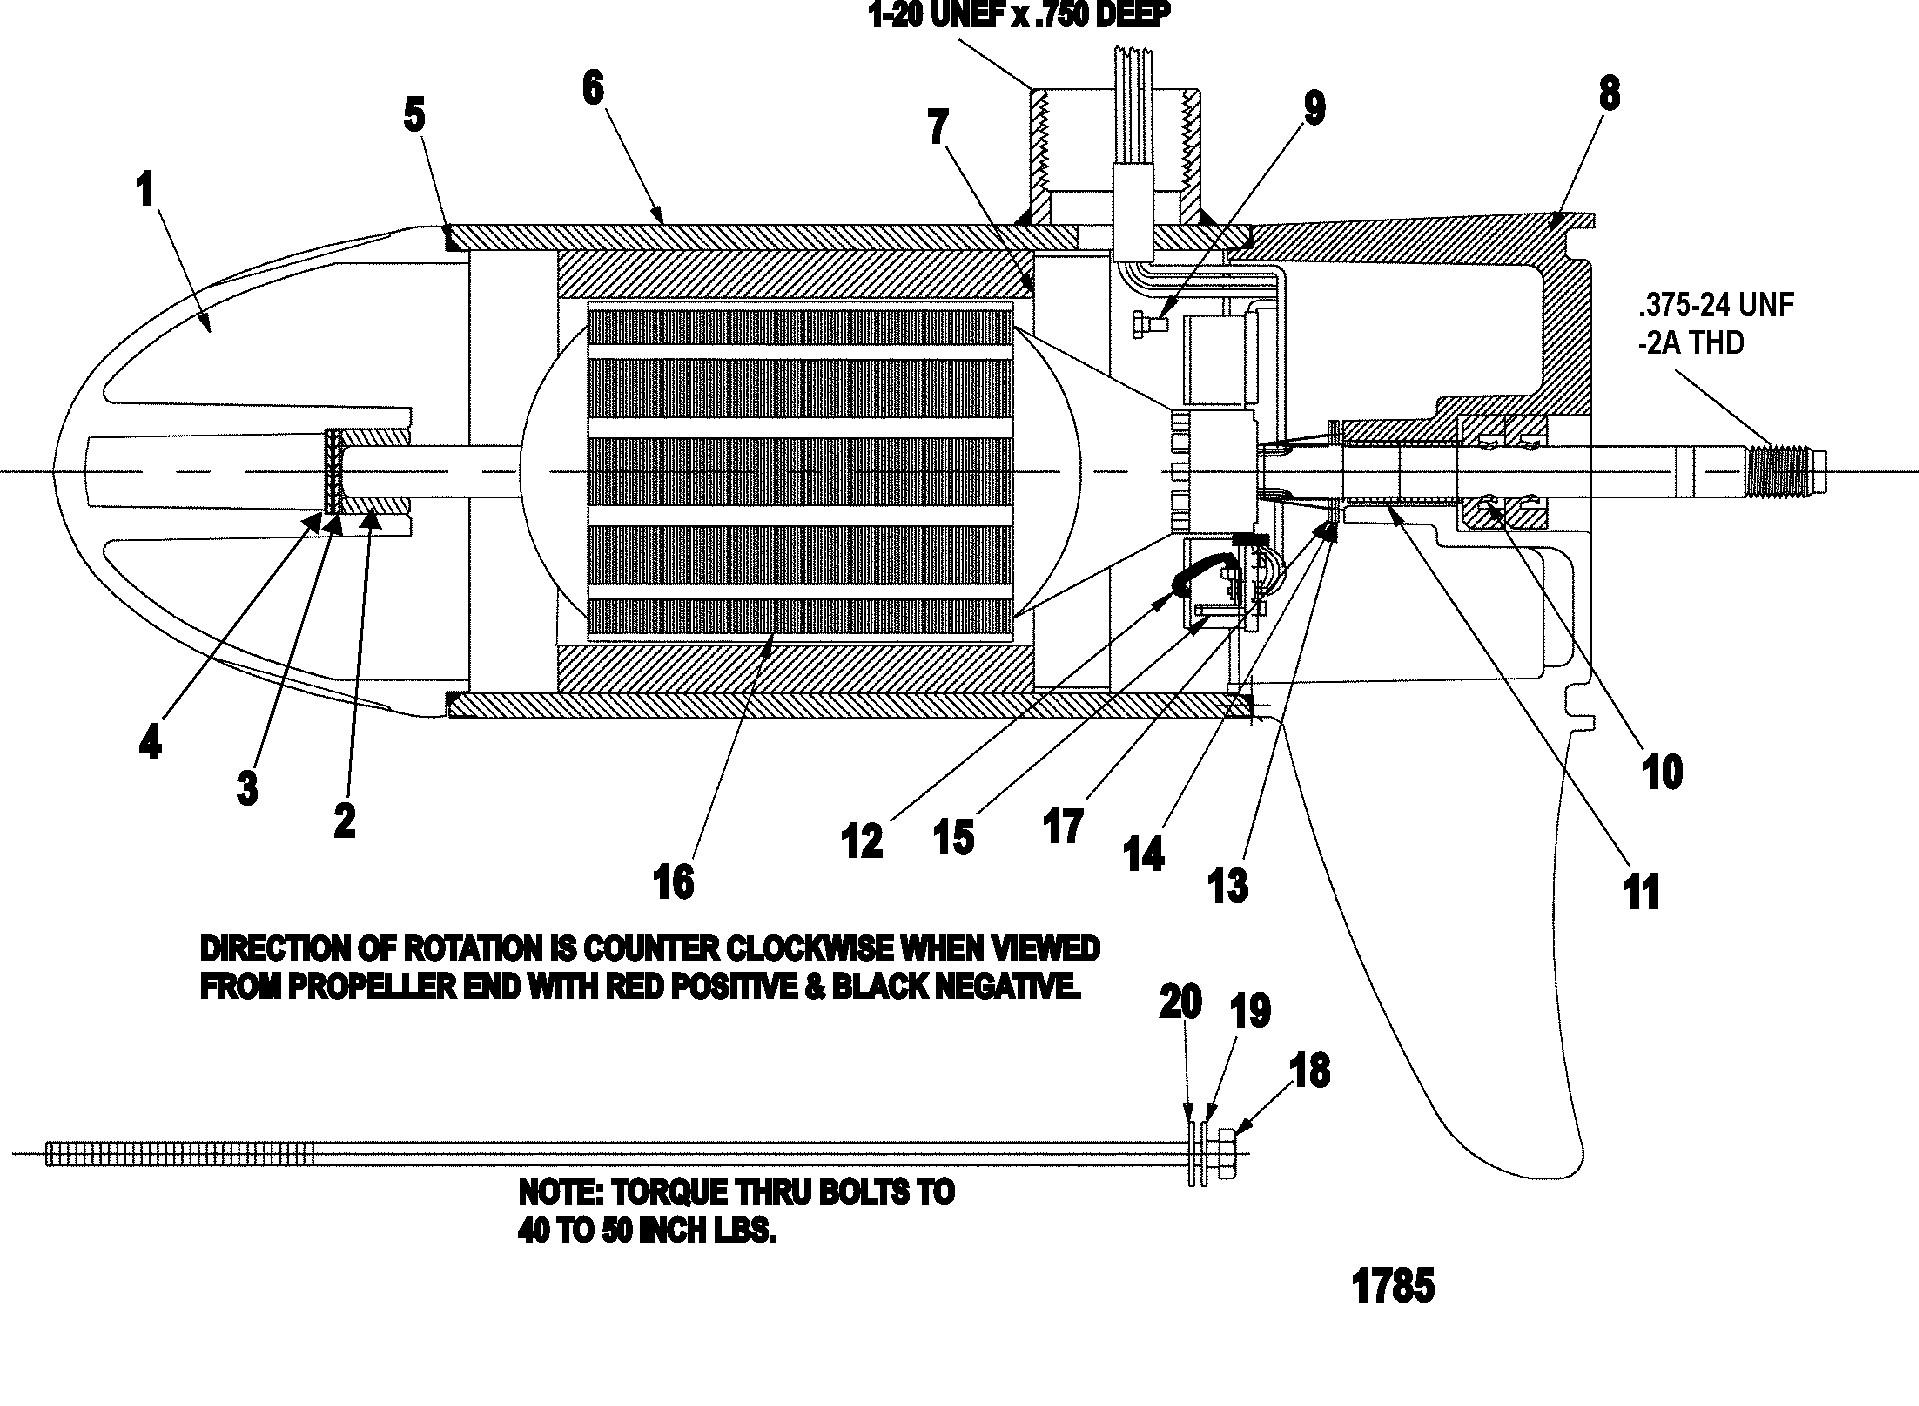 minn kota 5 speed switch wiring diagram zv 6270  minn kota 85 wiring diagrams wiring diagram  minn kota 85 wiring diagrams wiring diagram